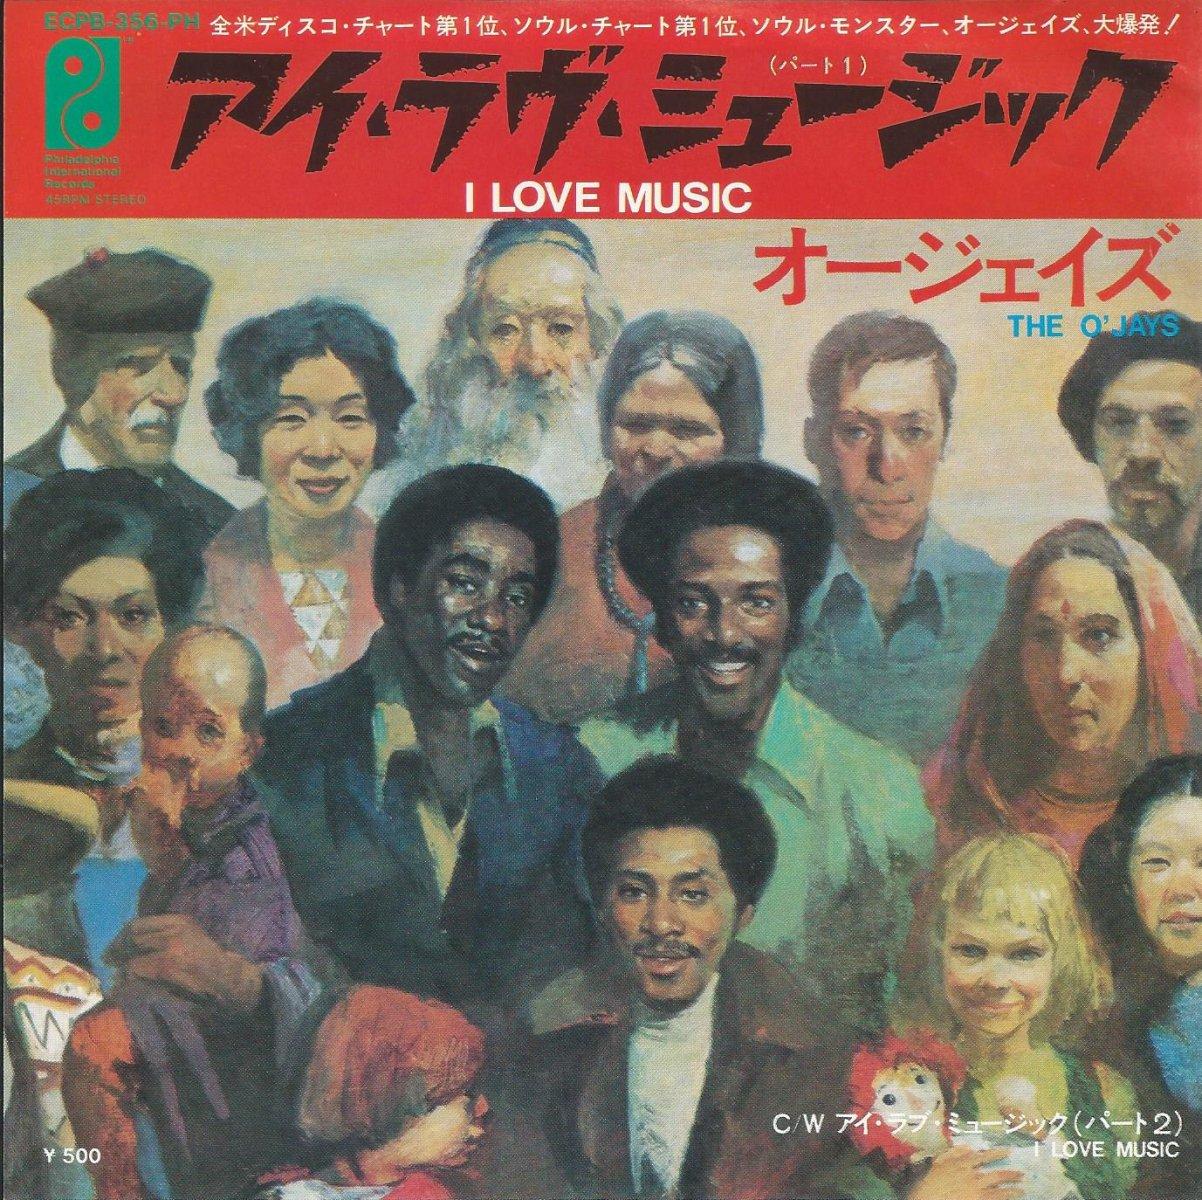 オージェイズ THE O'JAYS / アイ・ラヴ・ミュージック I LOVE MUSIC (7